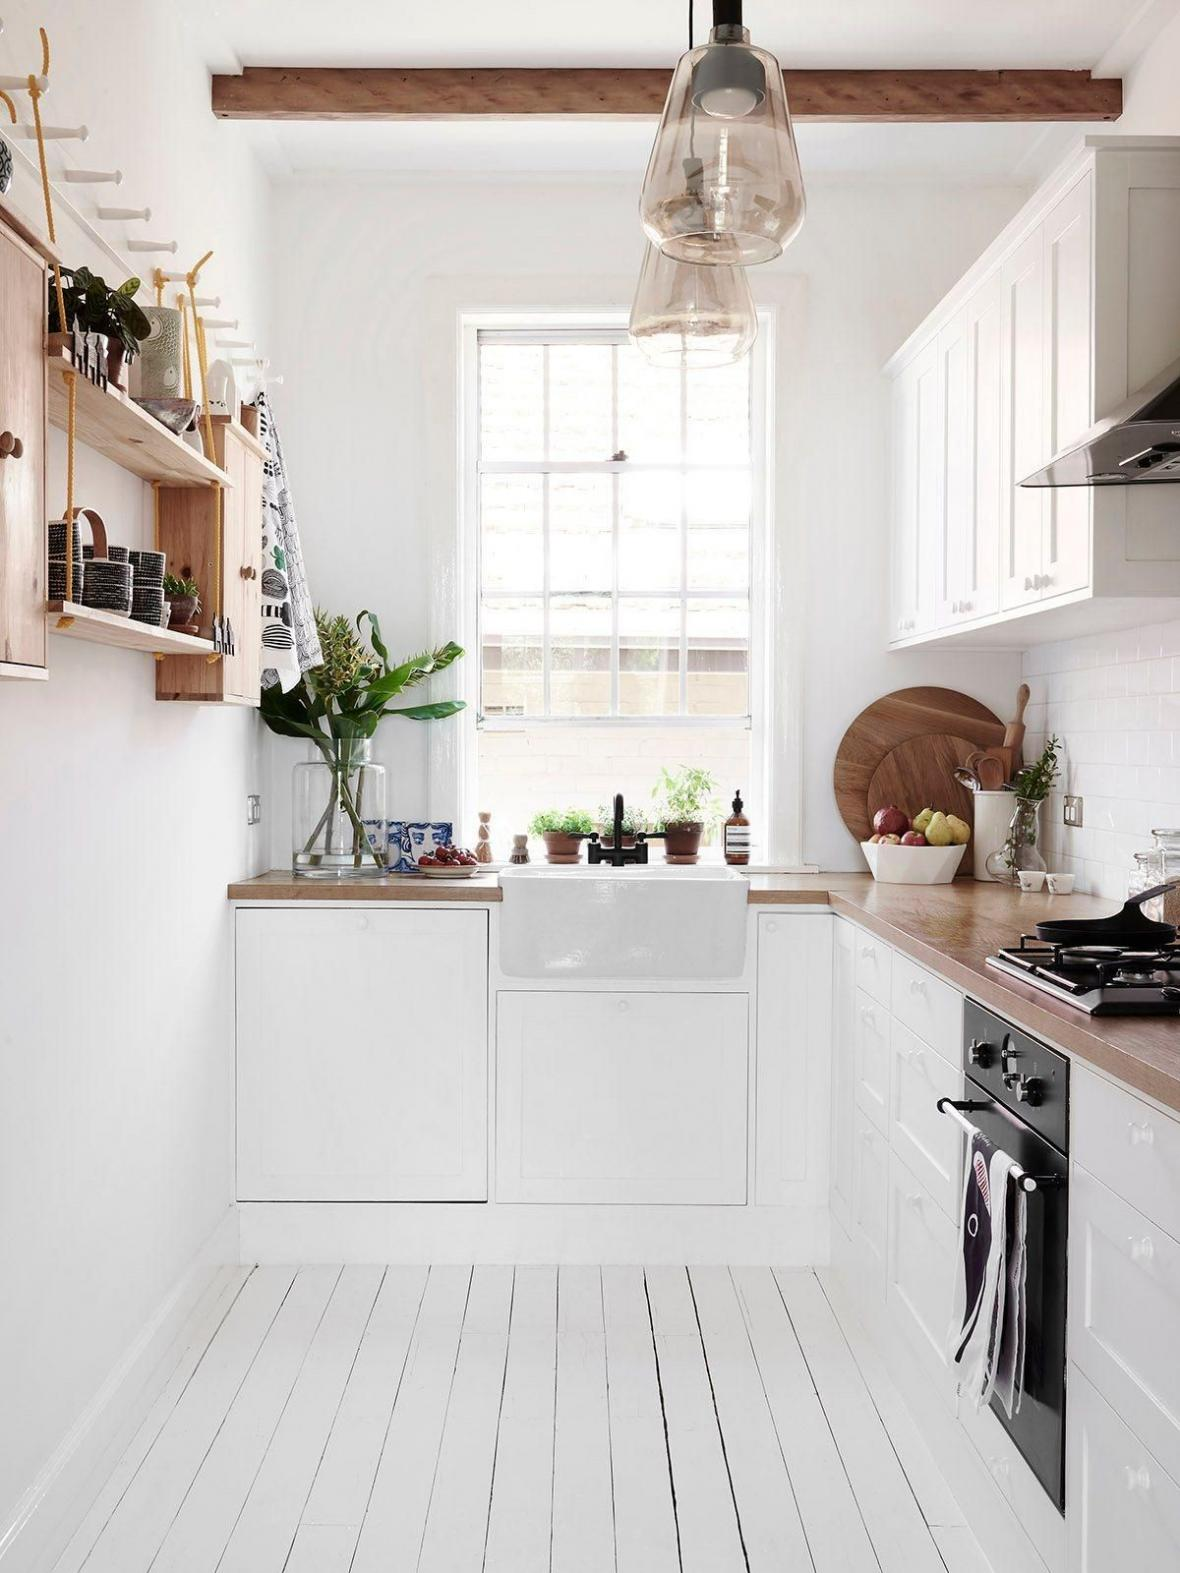 دکوراسیون آشپزخانه کوچک؛ هر چیزی راهی داره!